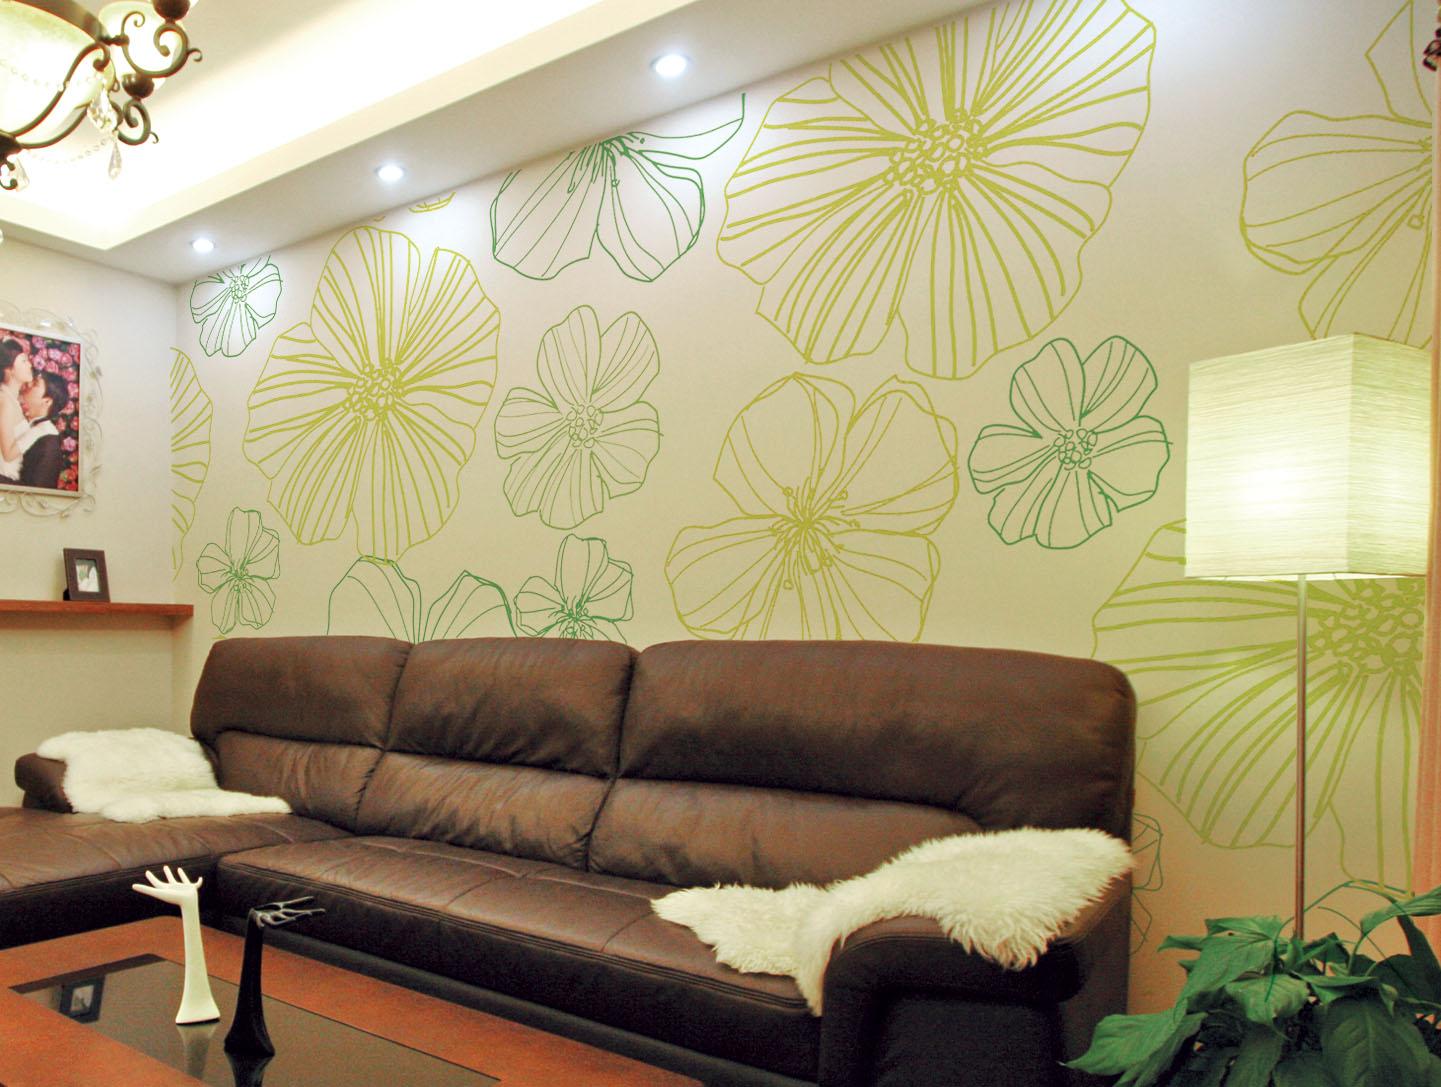 秀色可餐的贝壳粉餐厅背景墙以时尚装修效果为餐厅添彩,无论是简单